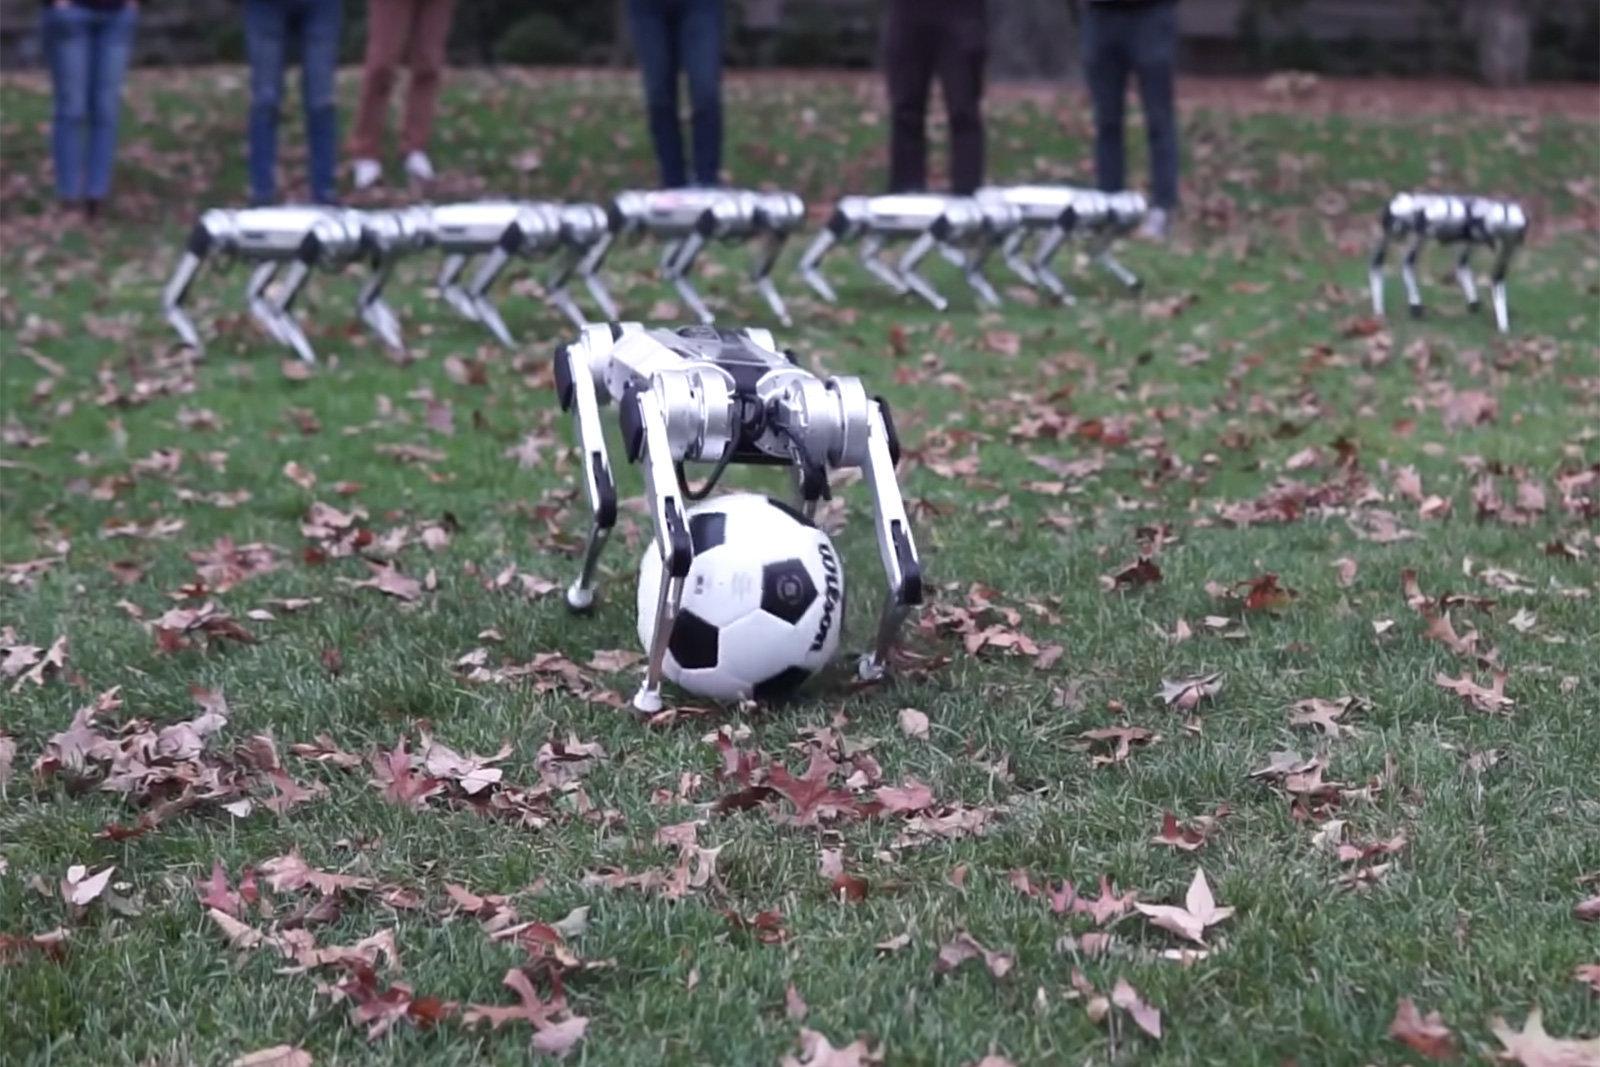 Obrázek: Roboti od MIT umí tancovat, hrát fotbal a… narážet do sebe? Vývoj robůtků Mini Cheetah pokračuje.